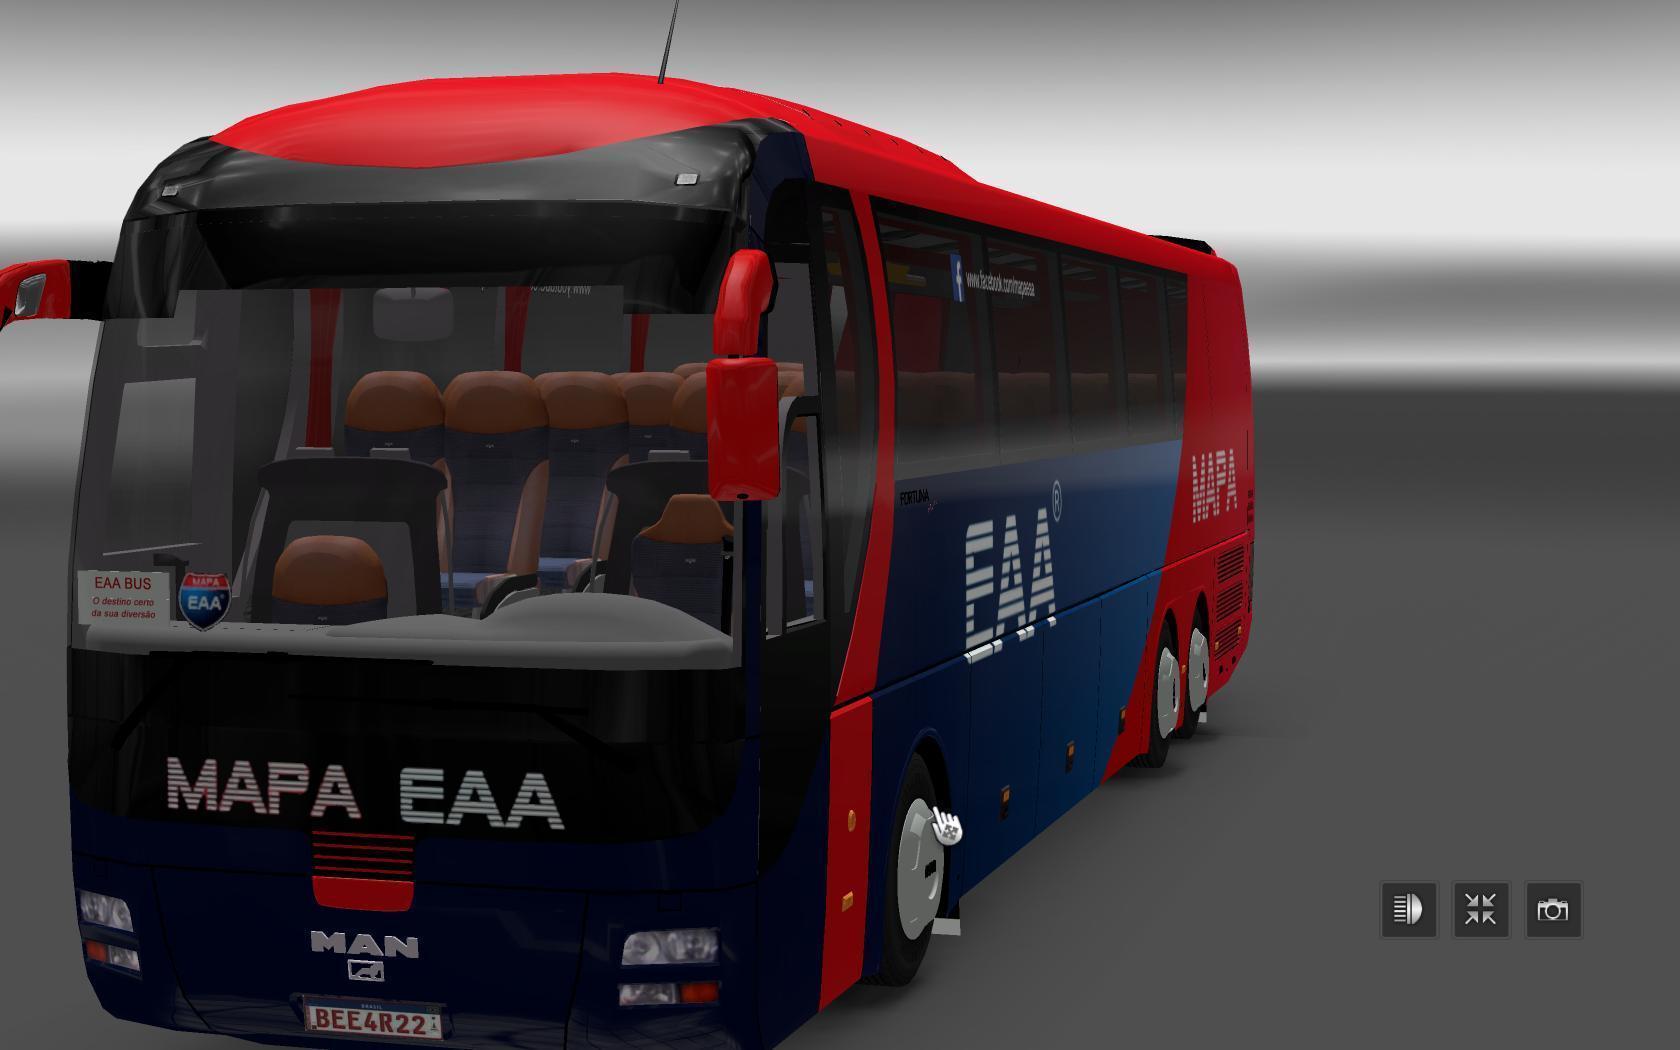 MAPA EAA BUS 4.1.1 for 1.25